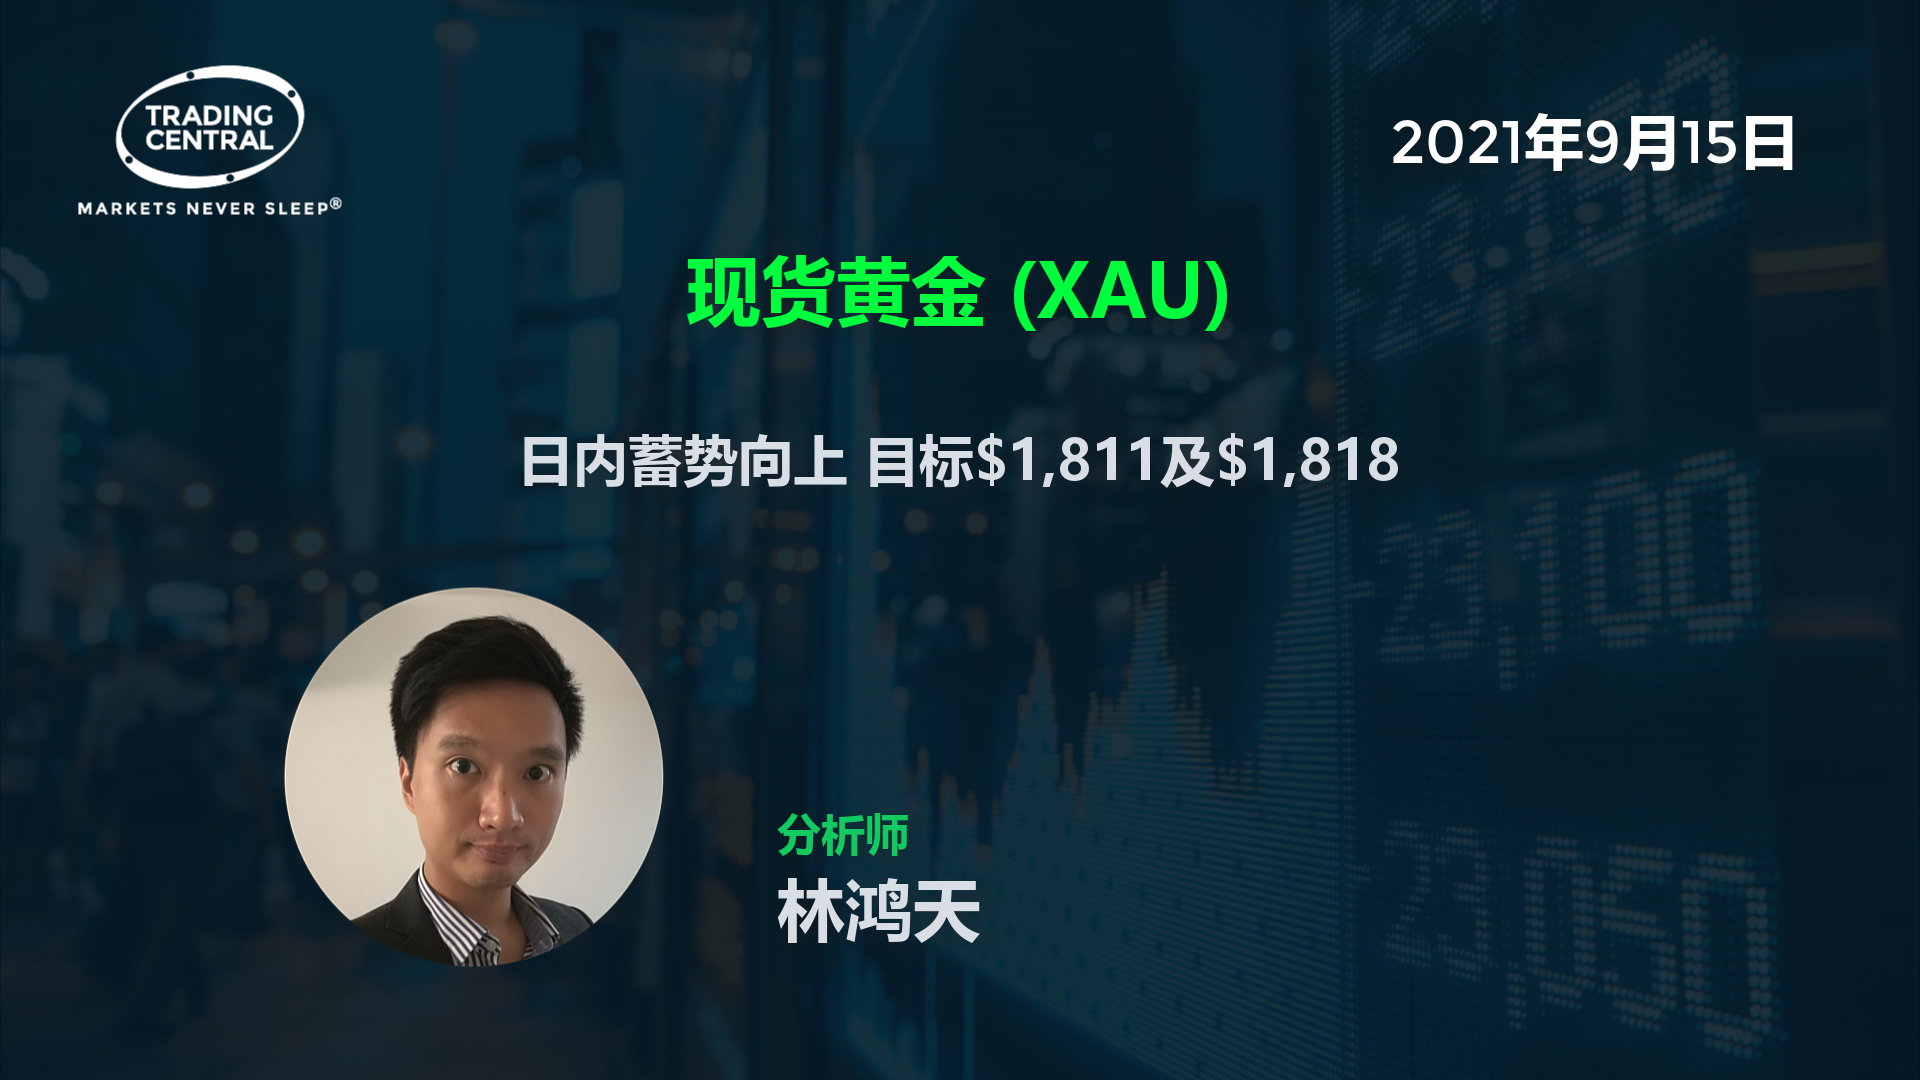 现货黄金 (XAU) - 日内蓄势向上 目标$1,811及$1,818